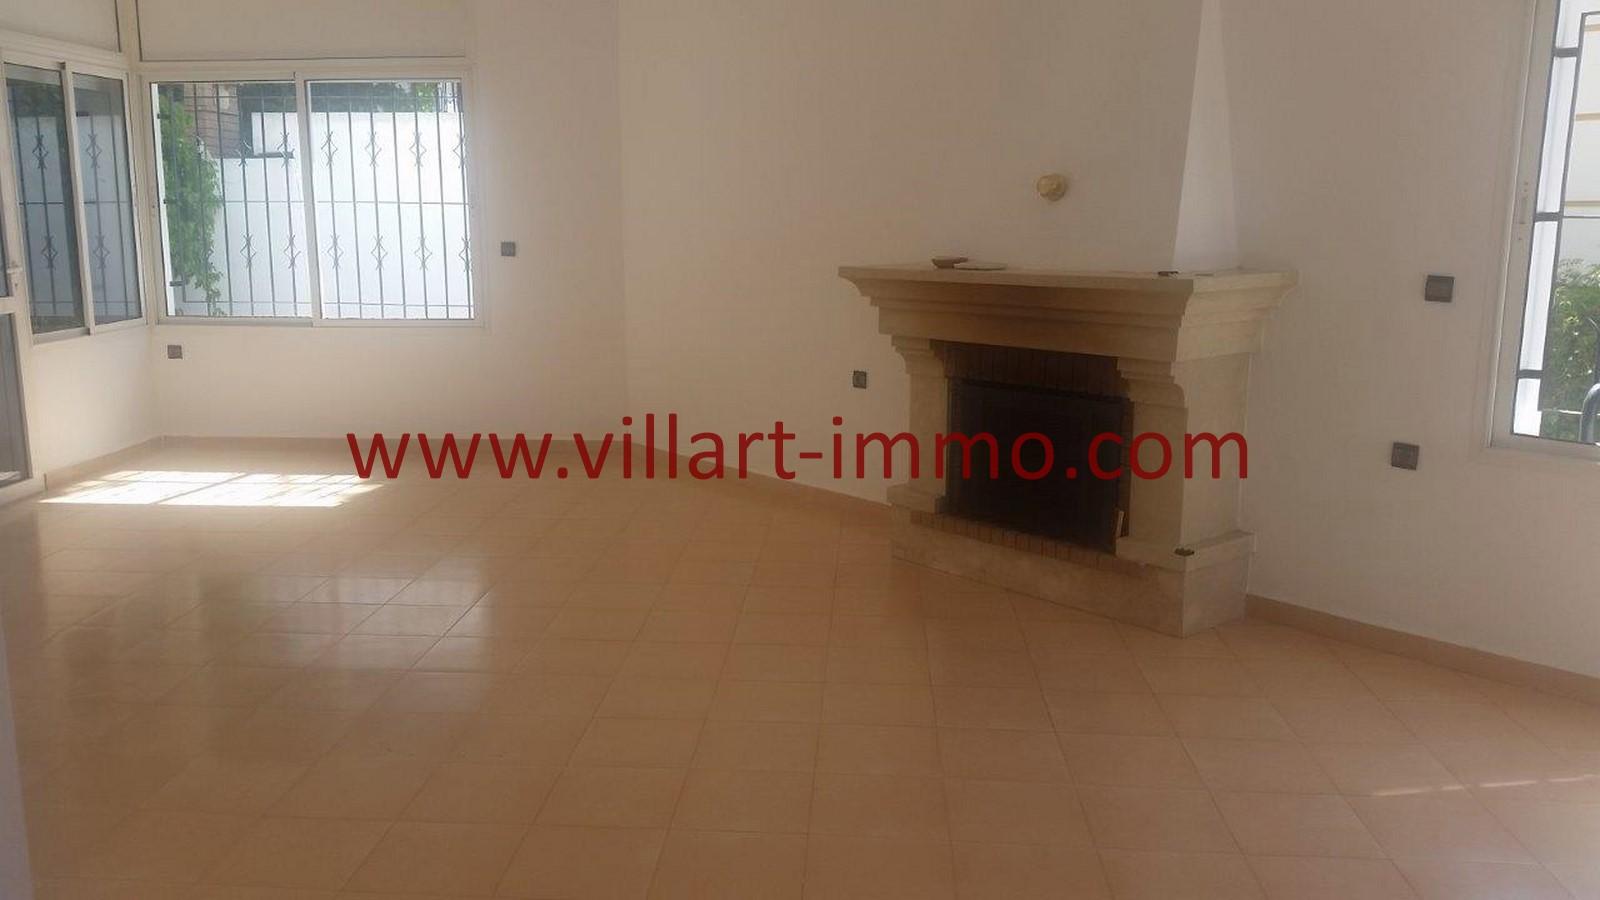 7-a-louer-villa-non-meuble-salon-lv967-villart-immo